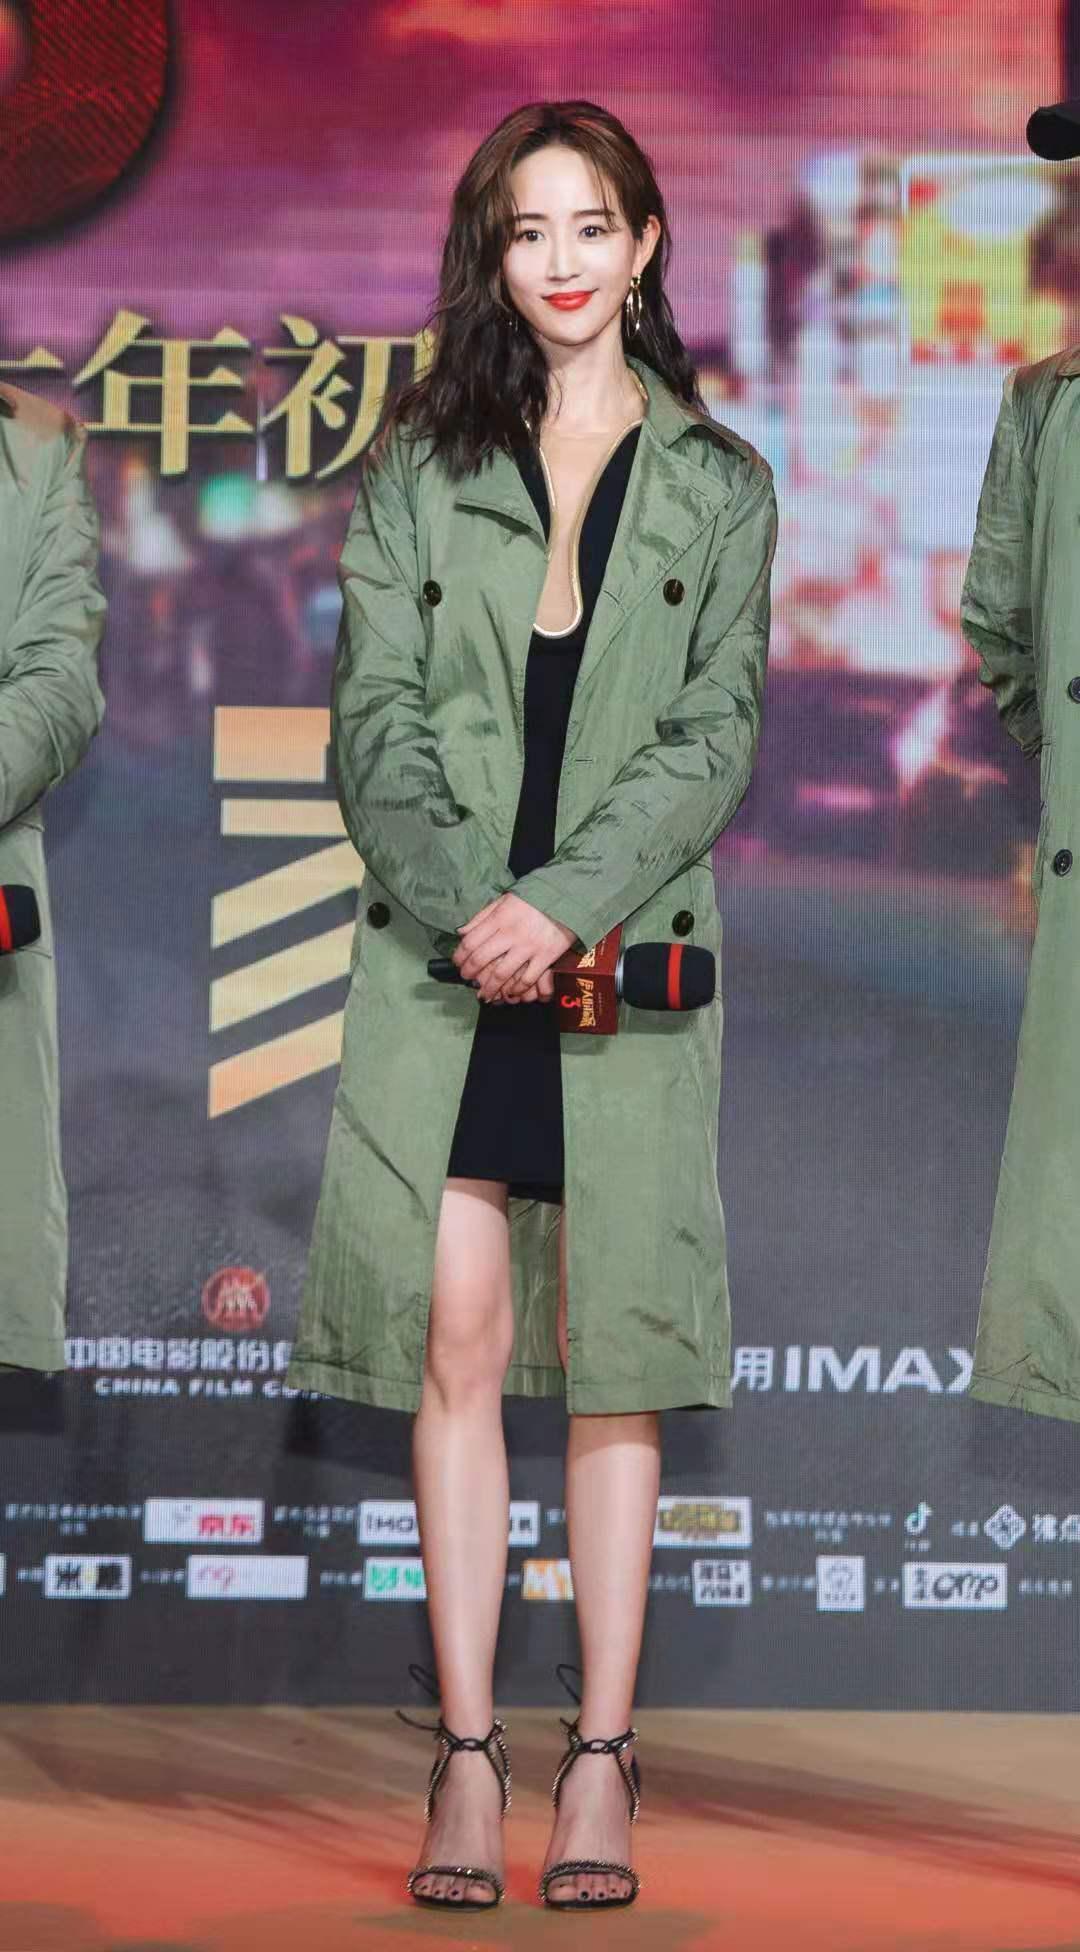 电影《唐人街探案3》发布会 张钧甯身段曼妙气质惊艳